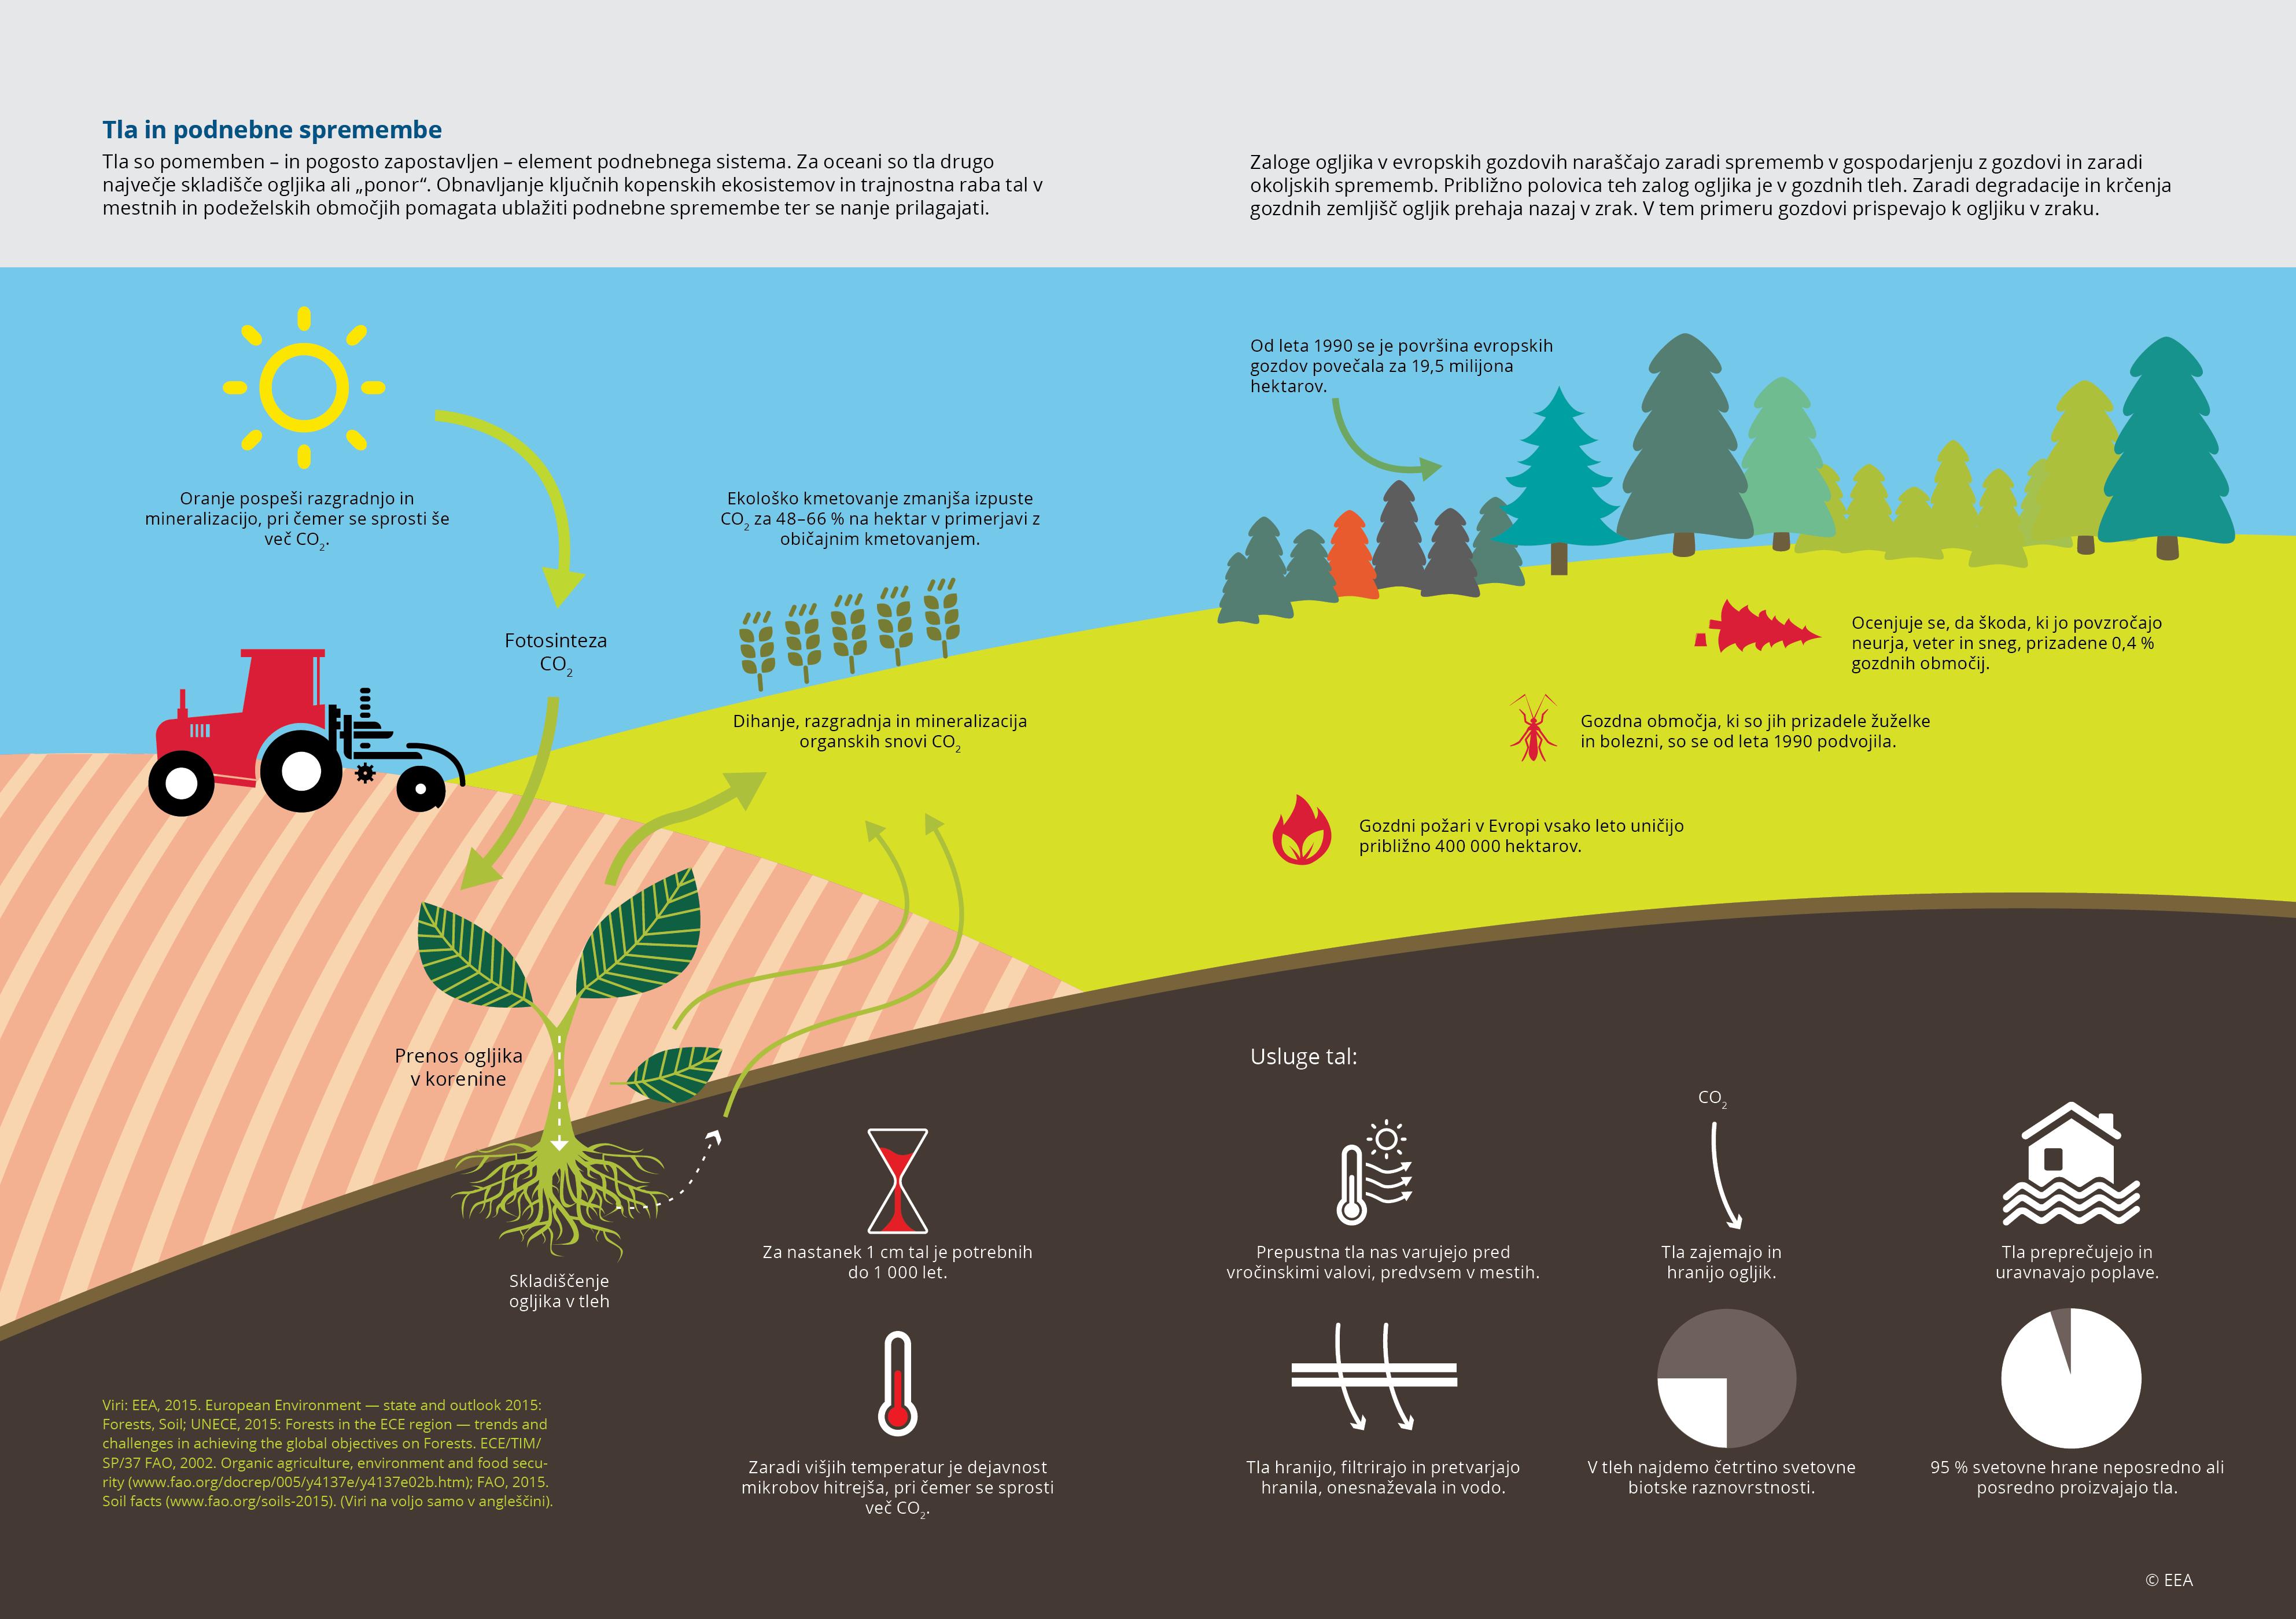 Tla in podnebne spremembe